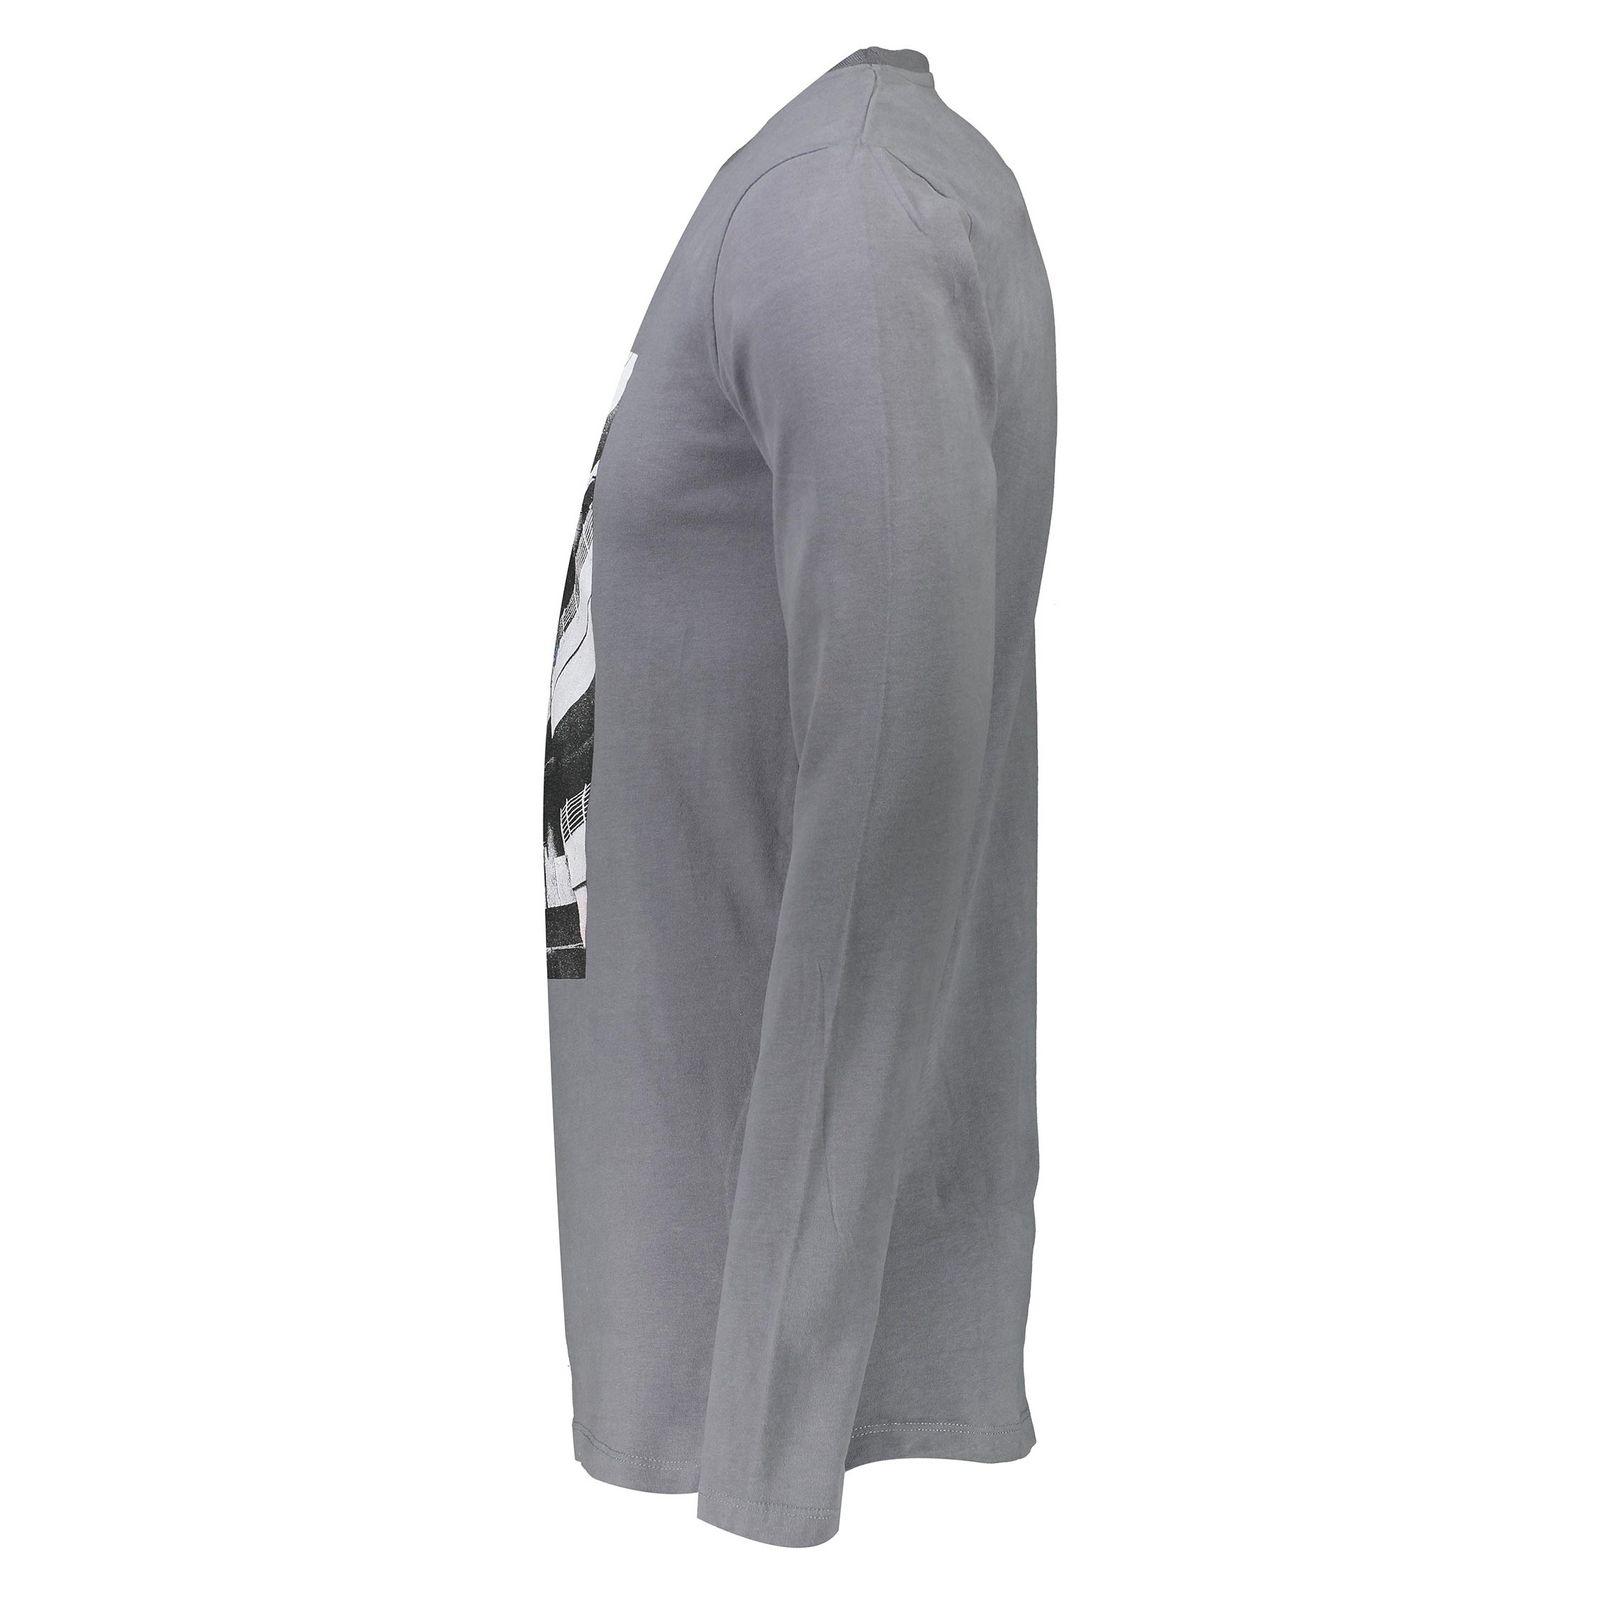 تی شرت نخی یقه گرد مردانه - تیفوسی - طوسي - 3